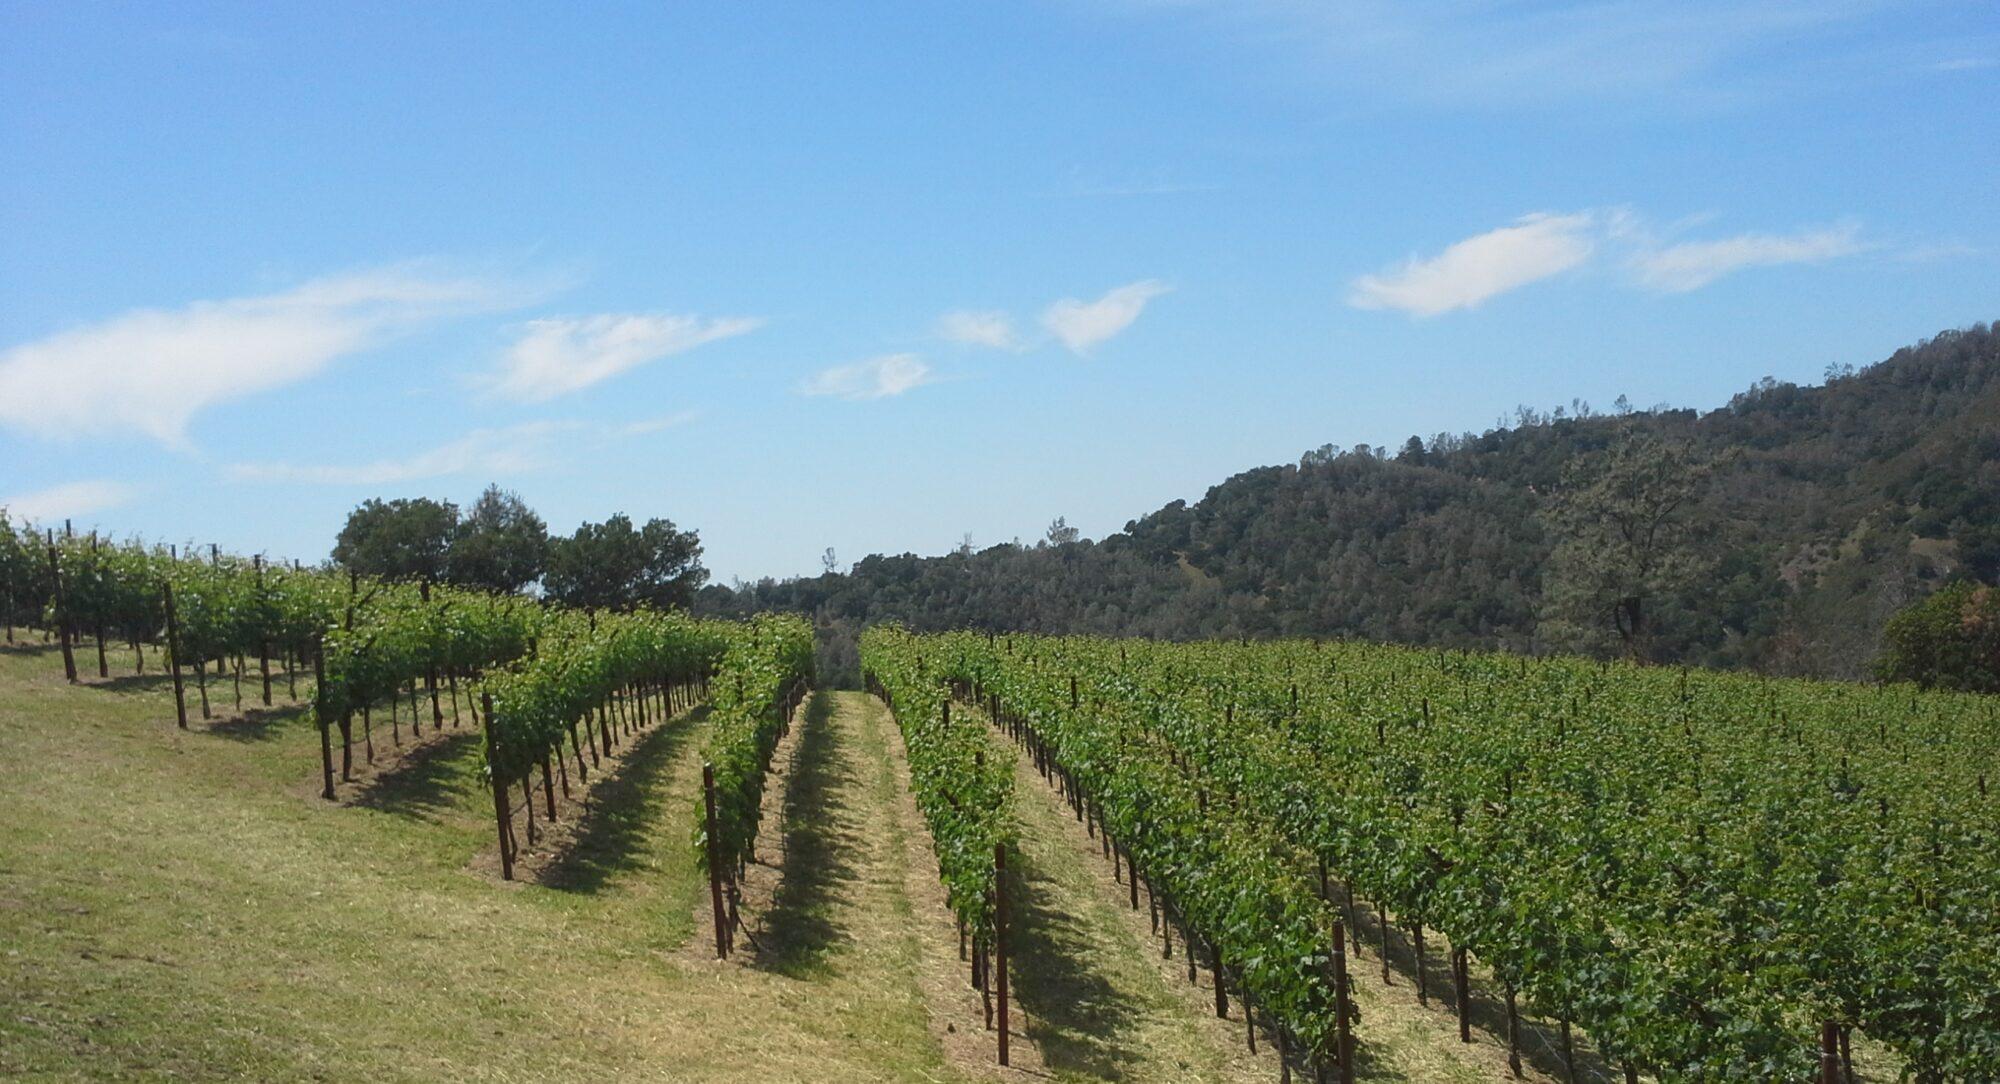 Piña Vineyard Management